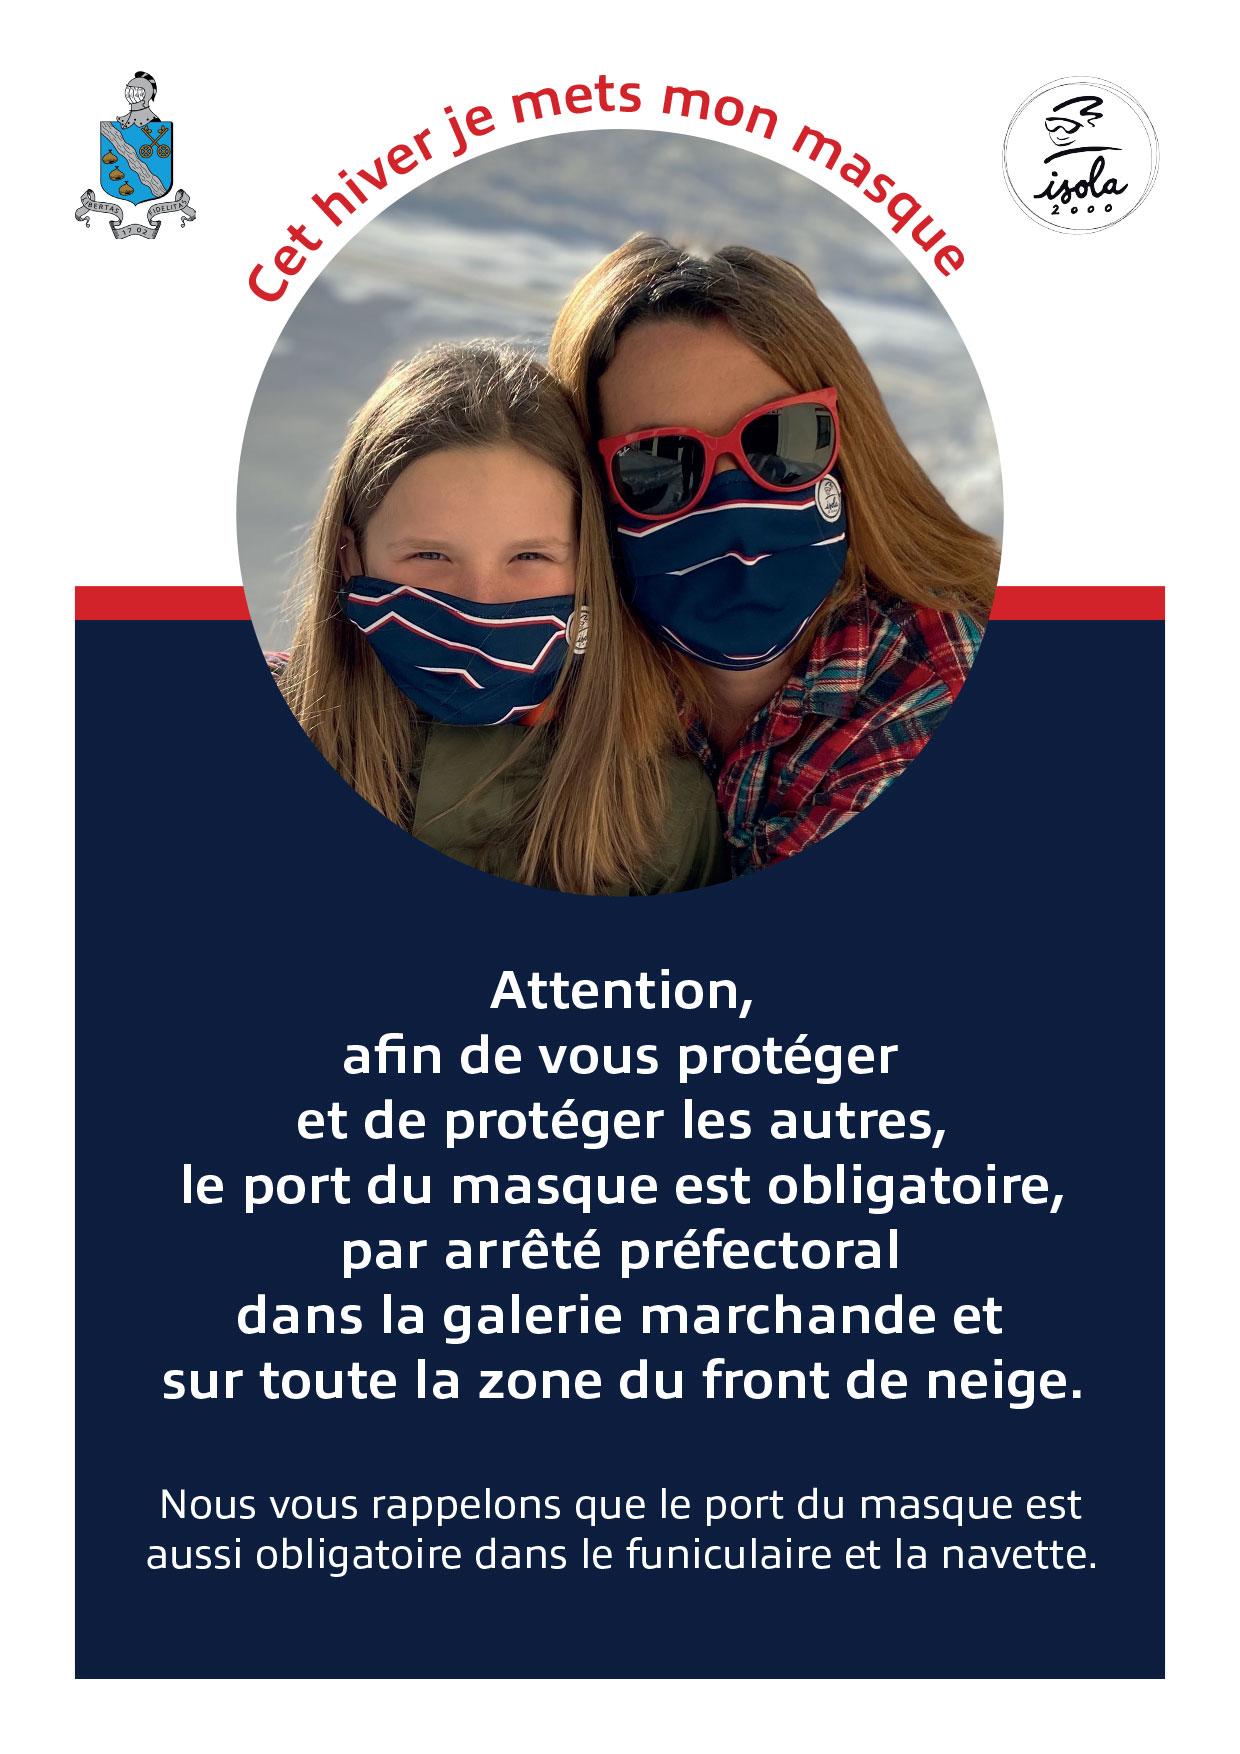 Port du masque obligatoire galerie marchande front de neige Isola 2000